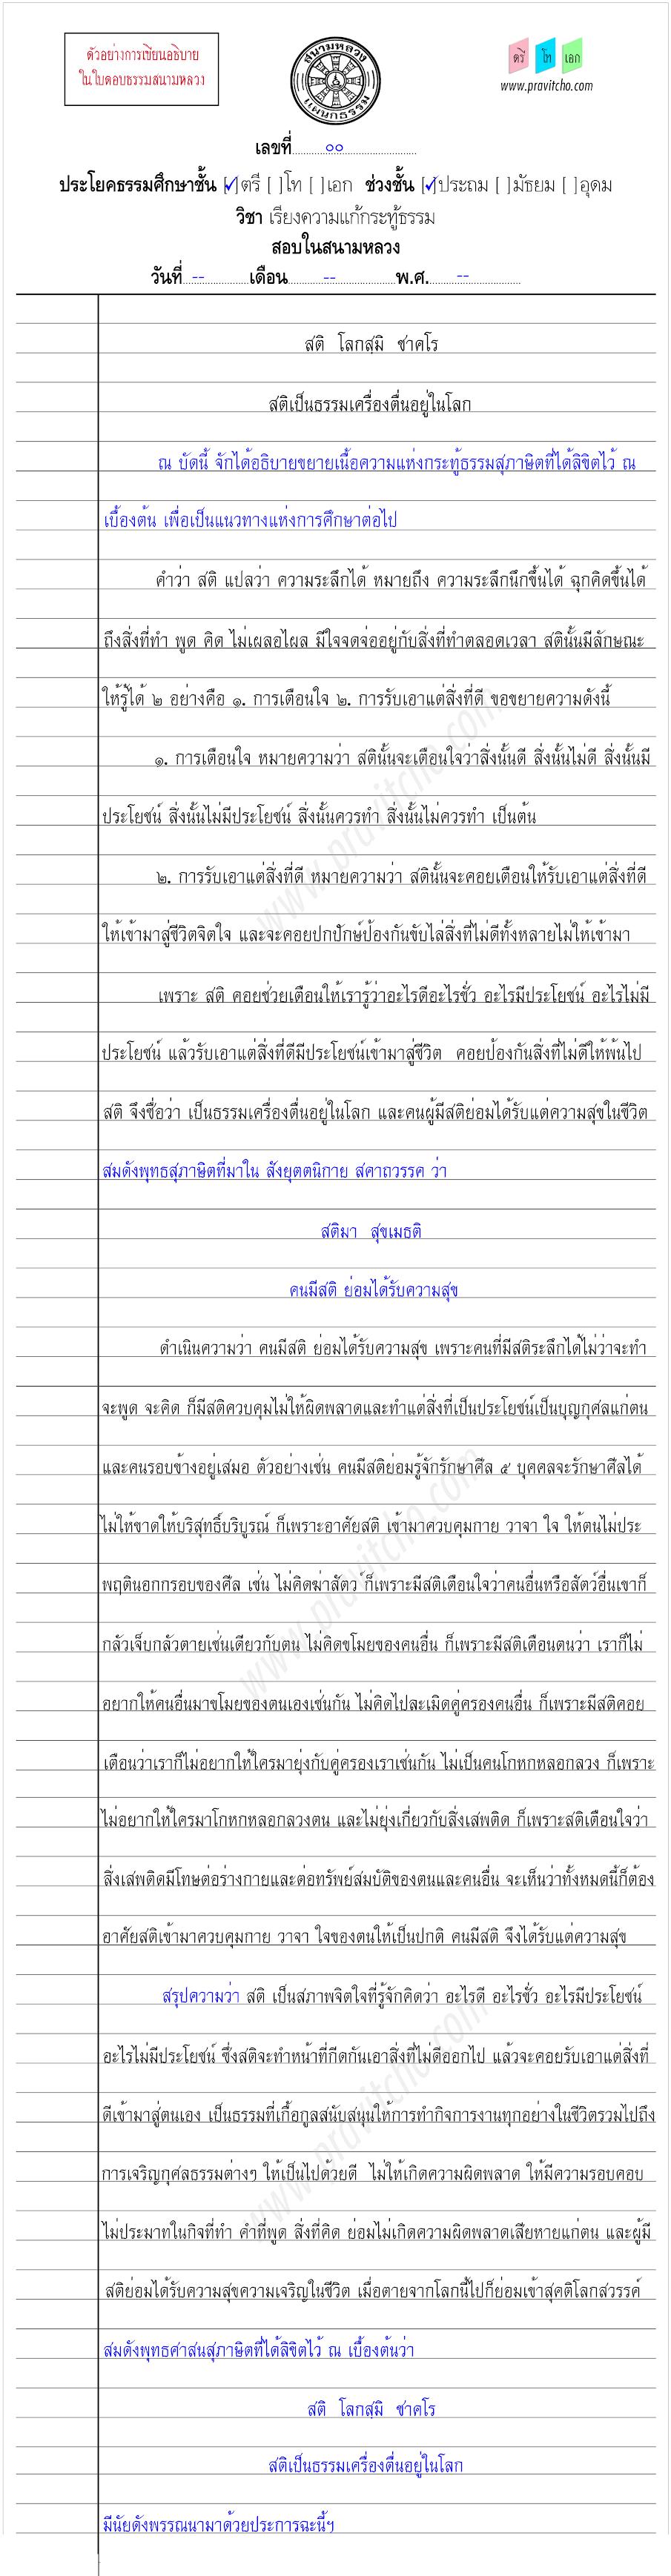 <h1>ตัวอย่างการเขียนกระทู้ธรรมชั้นตรีในระดับประถมศึกษา</h1>